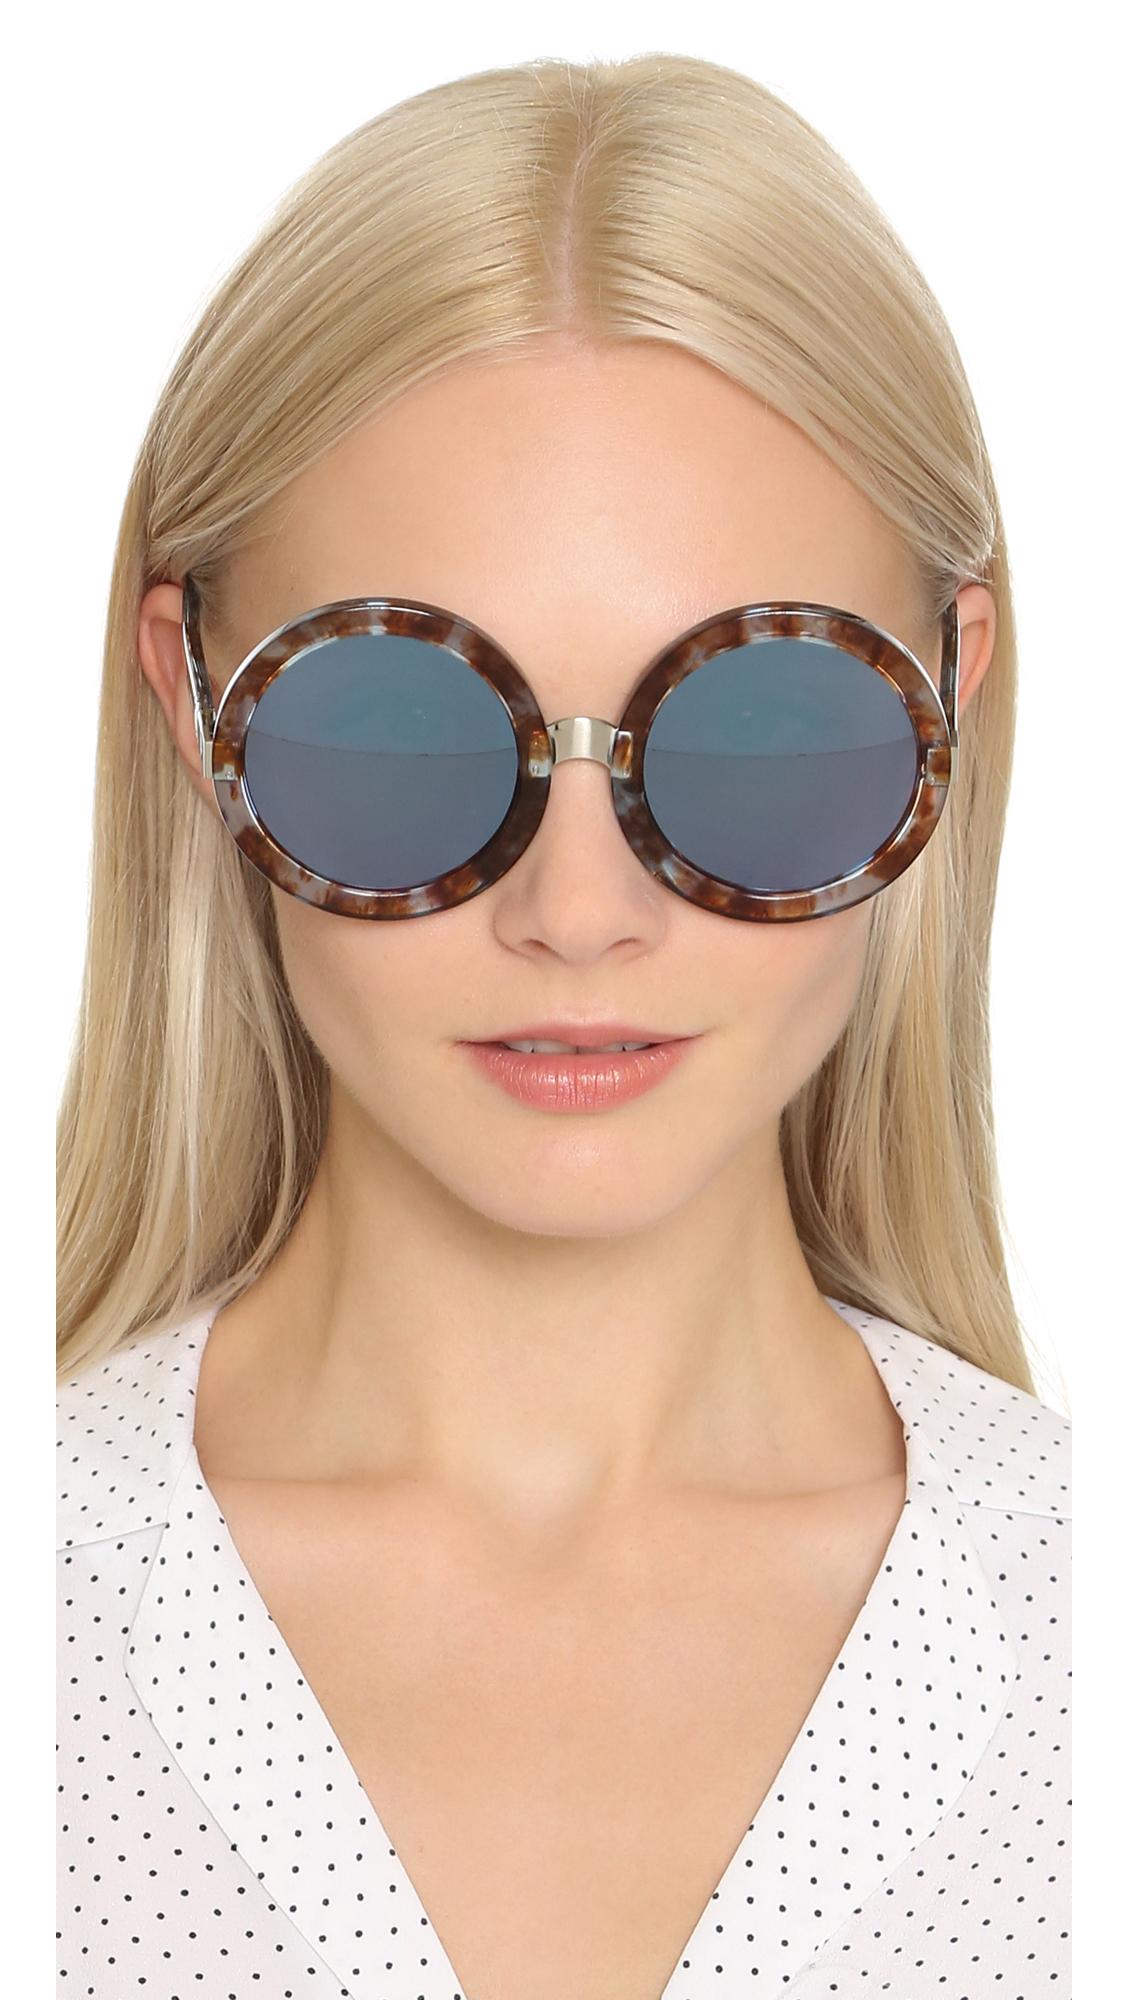 7ab6471268 Lyst - Wildfox Malibu Deluxe Sunglasses - Coconut denim Mirror in Brown